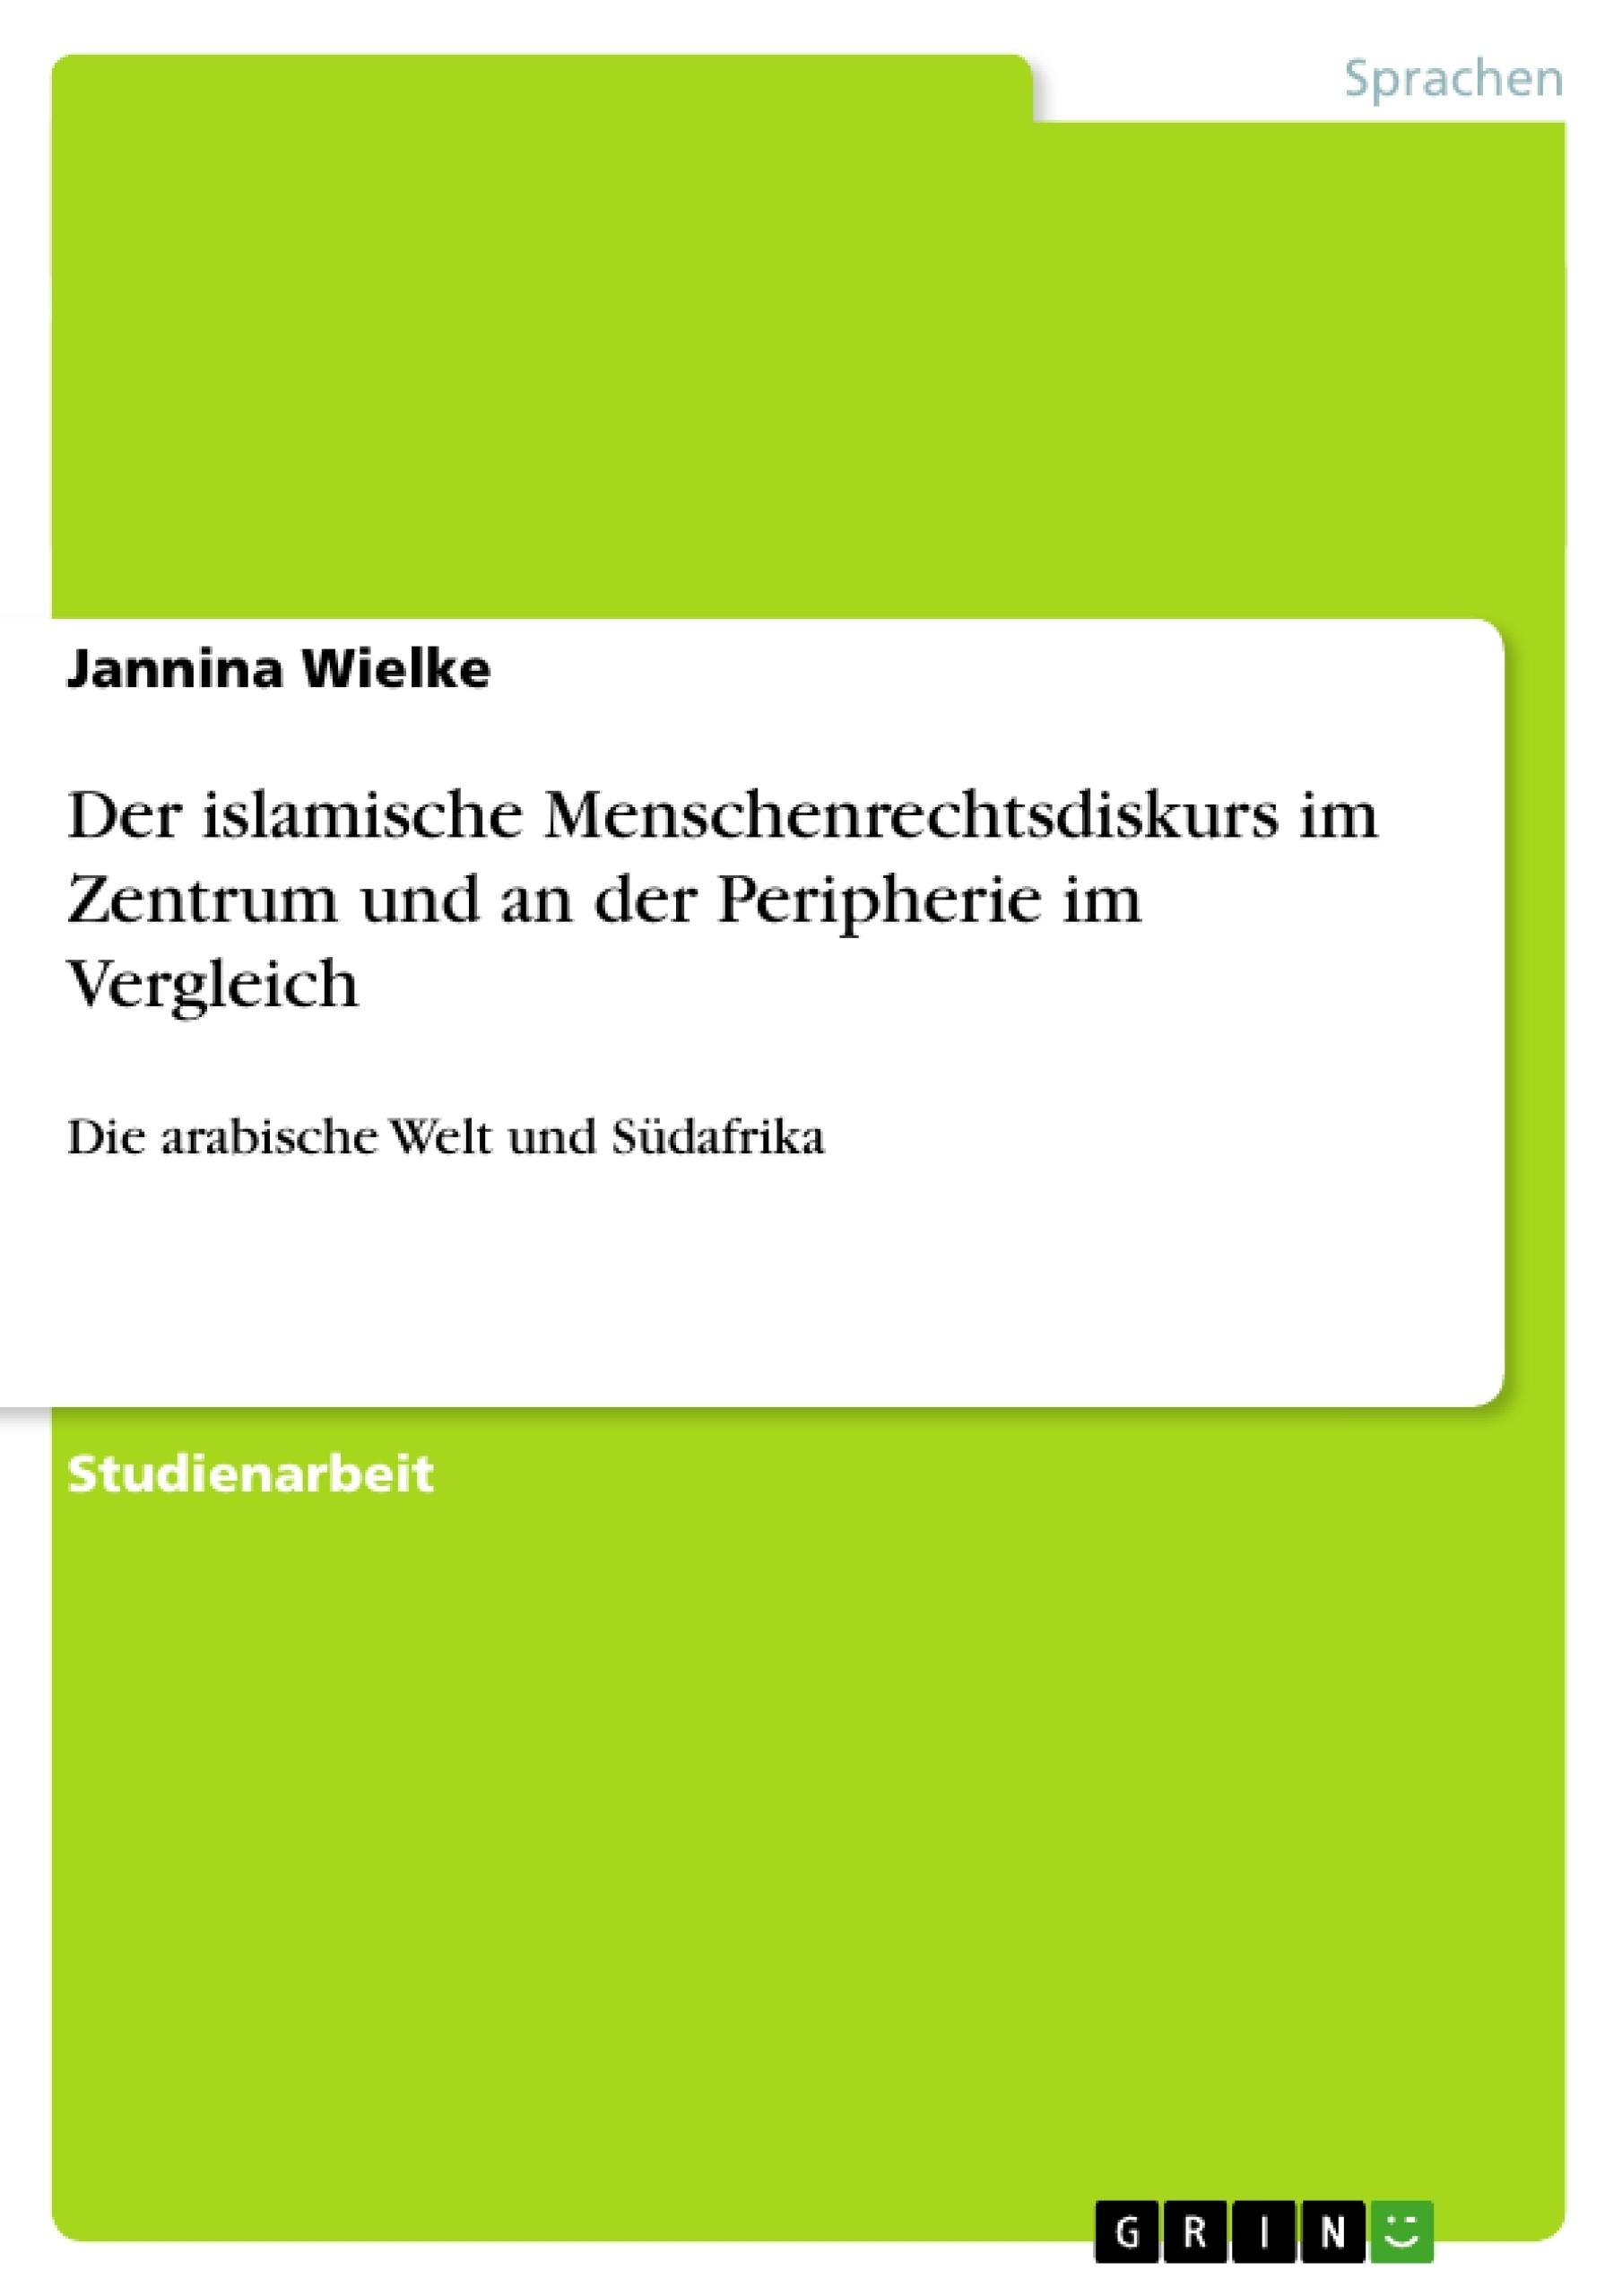 Titel: Der islamische Menschenrechtsdiskurs im Zentrum und an der Peripherie im Vergleich